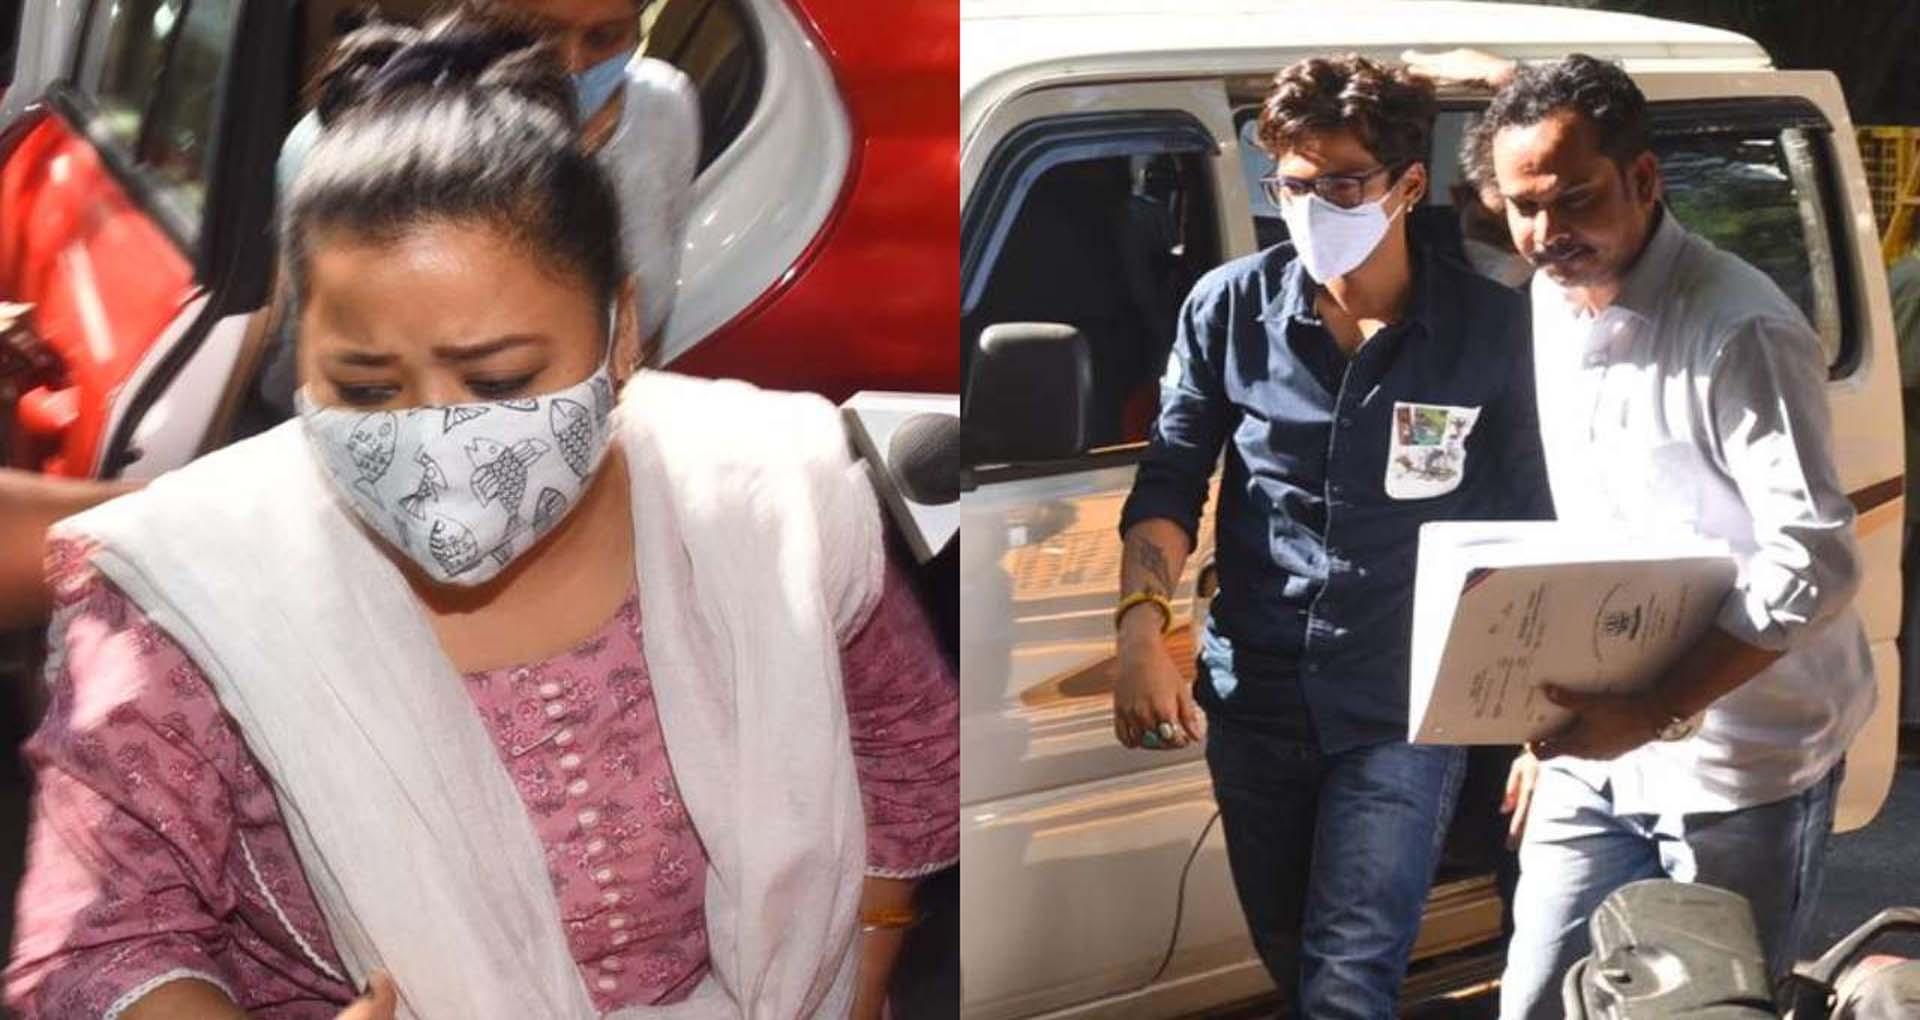 भारती सिंह के बाद उनके पति हर्ष भी आए NCB की गिरफ्त में, दोनों ने कबूली गांजा लेने की बात